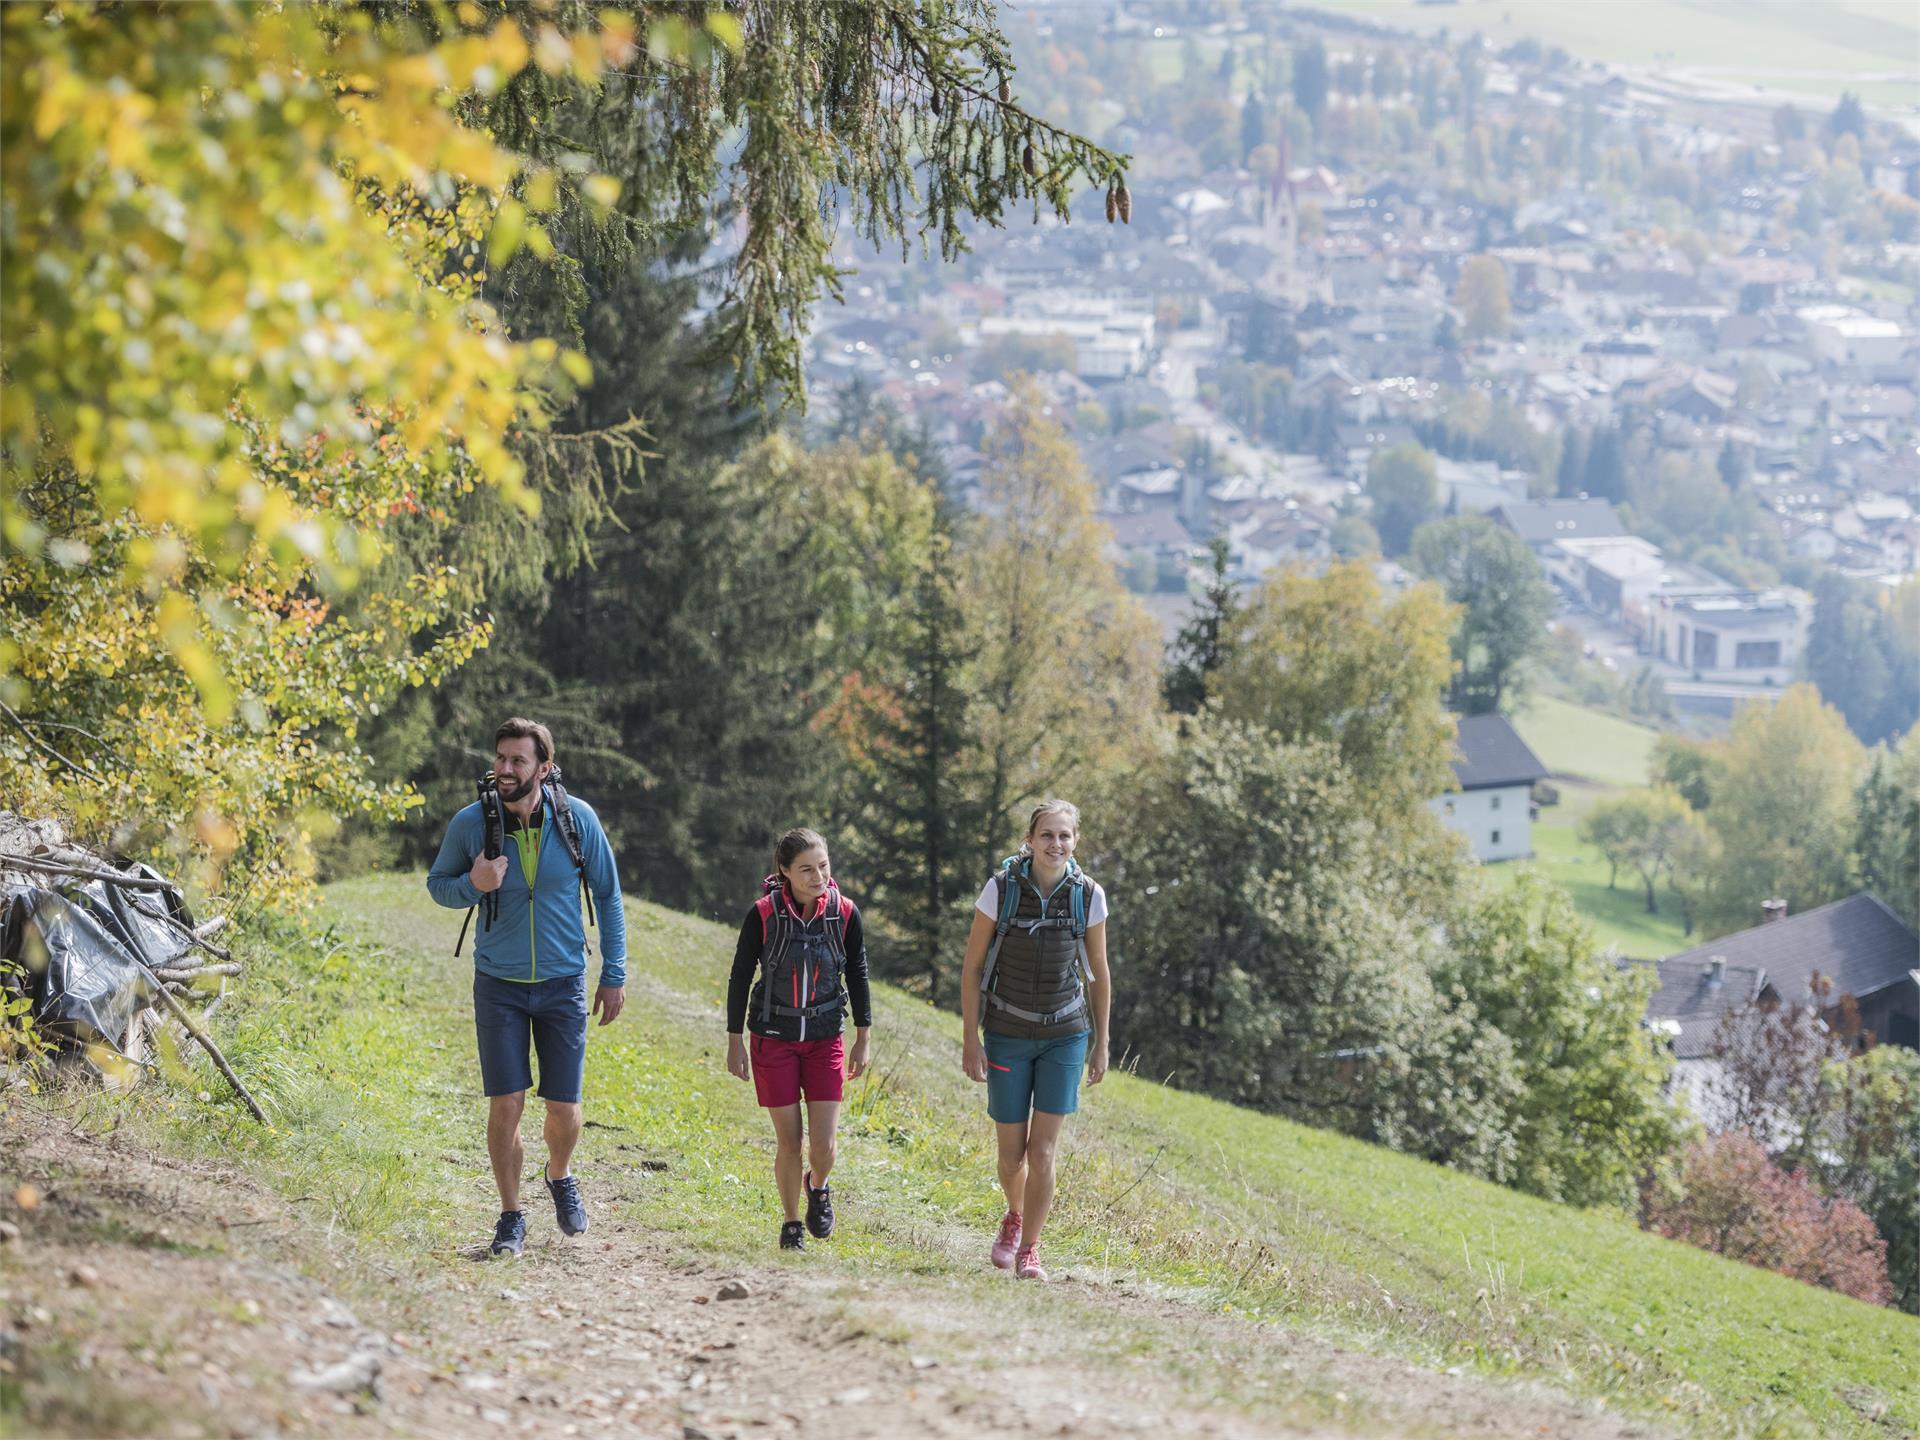 Wanderung auf dem Dolomiten-Panoramaweg